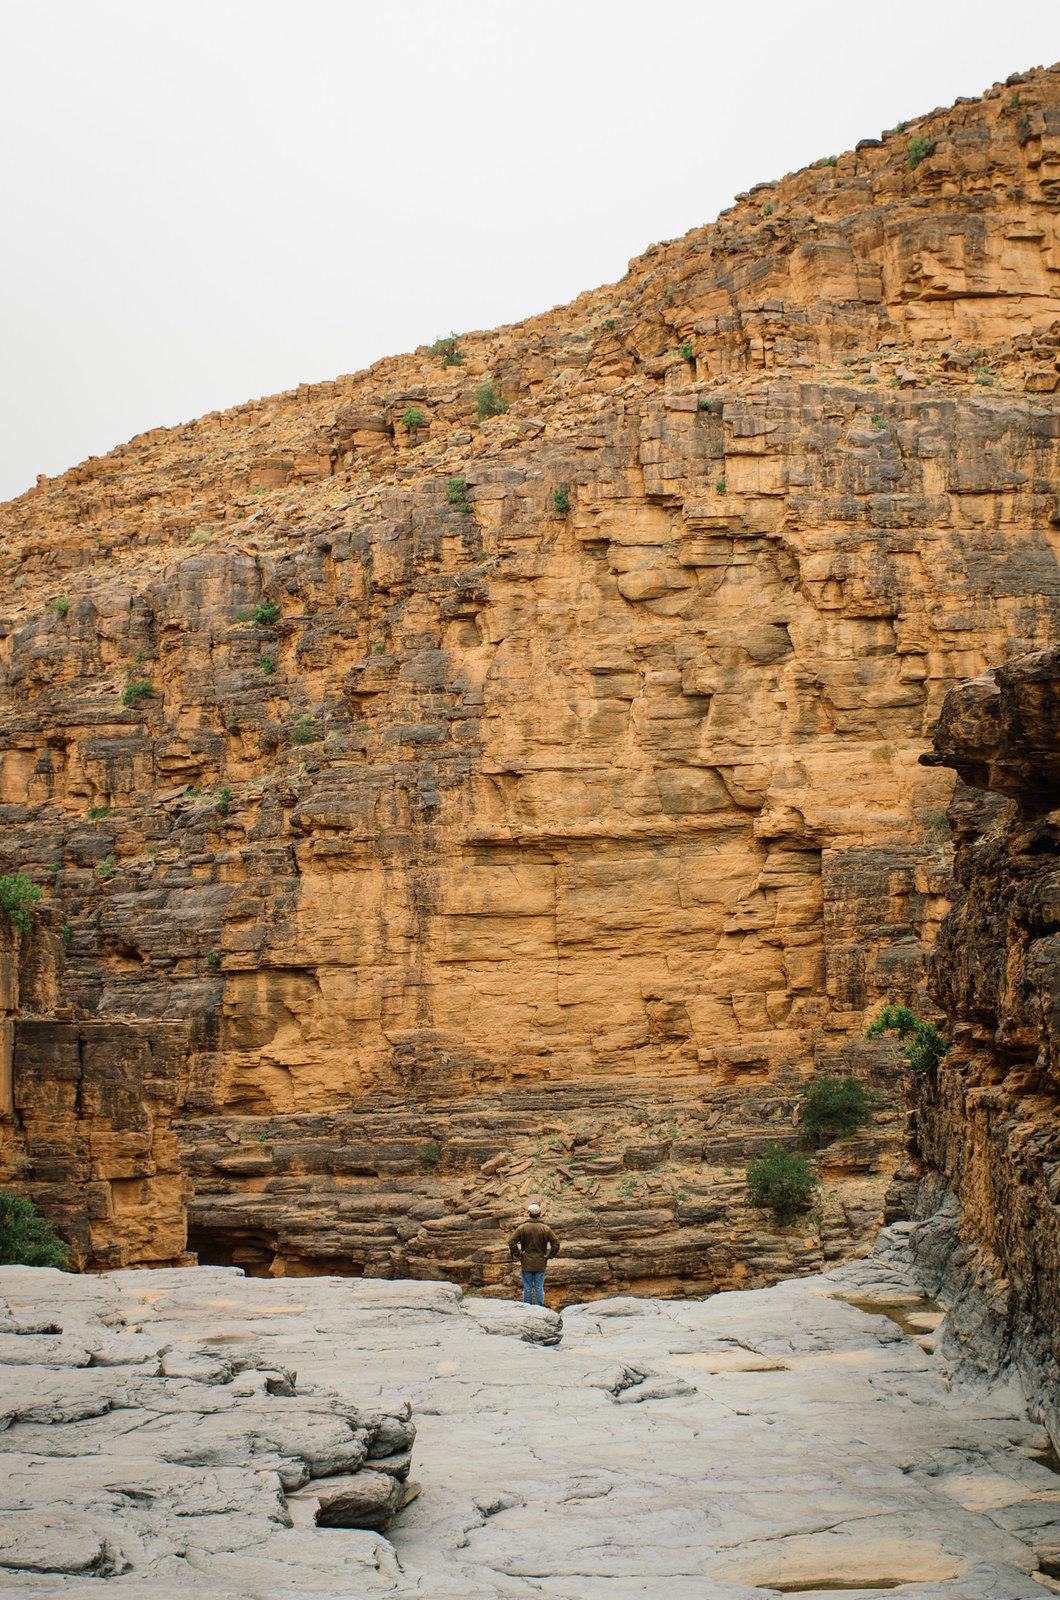 Trek sans guide au Maroc - 5 jours dans l'anti-Atlas - Surplomber la cascade